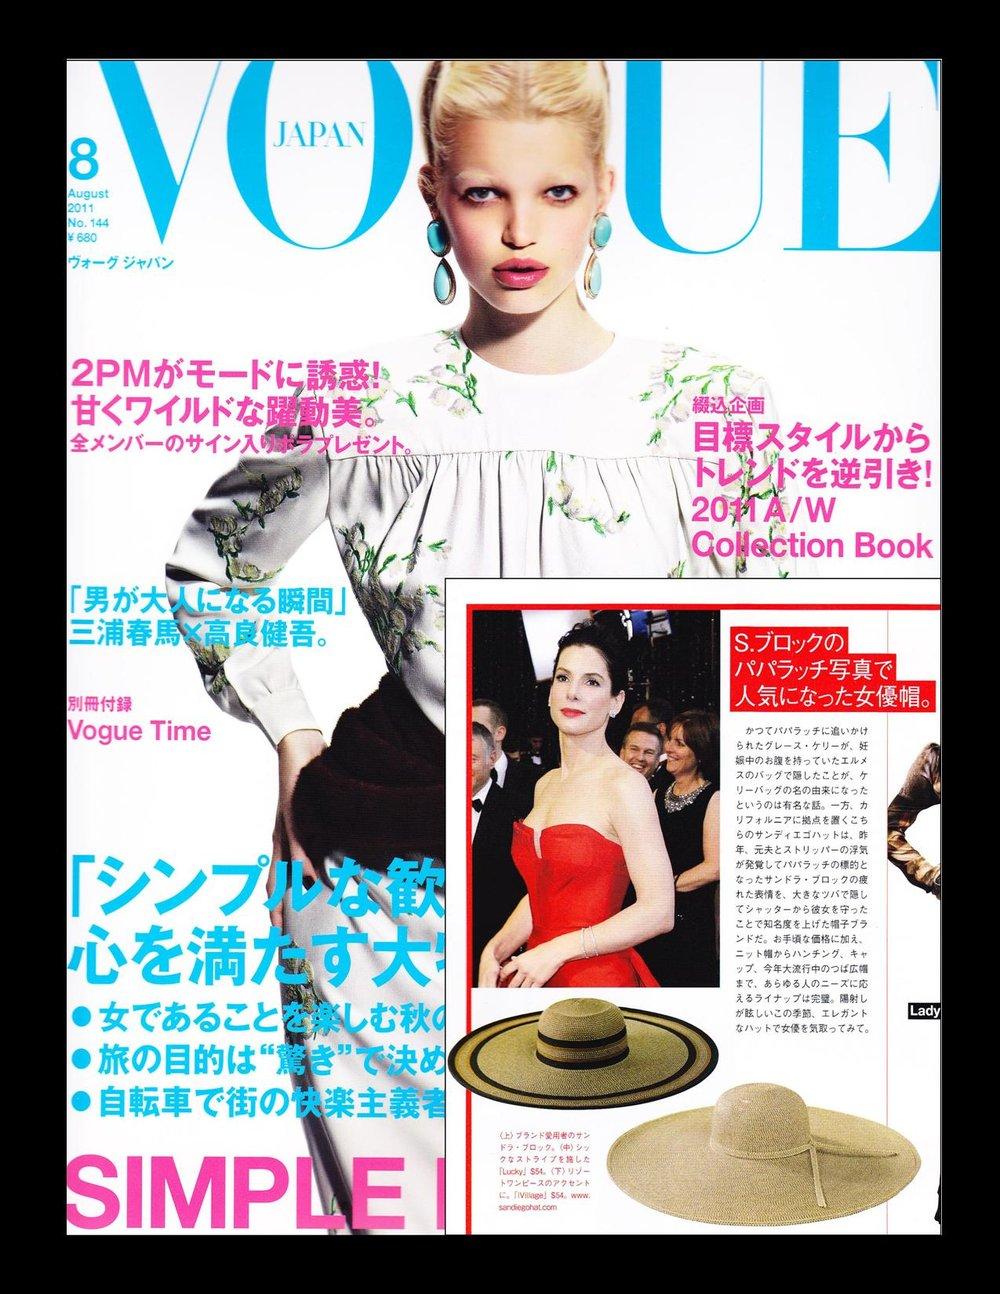 VogueJapan.jpg